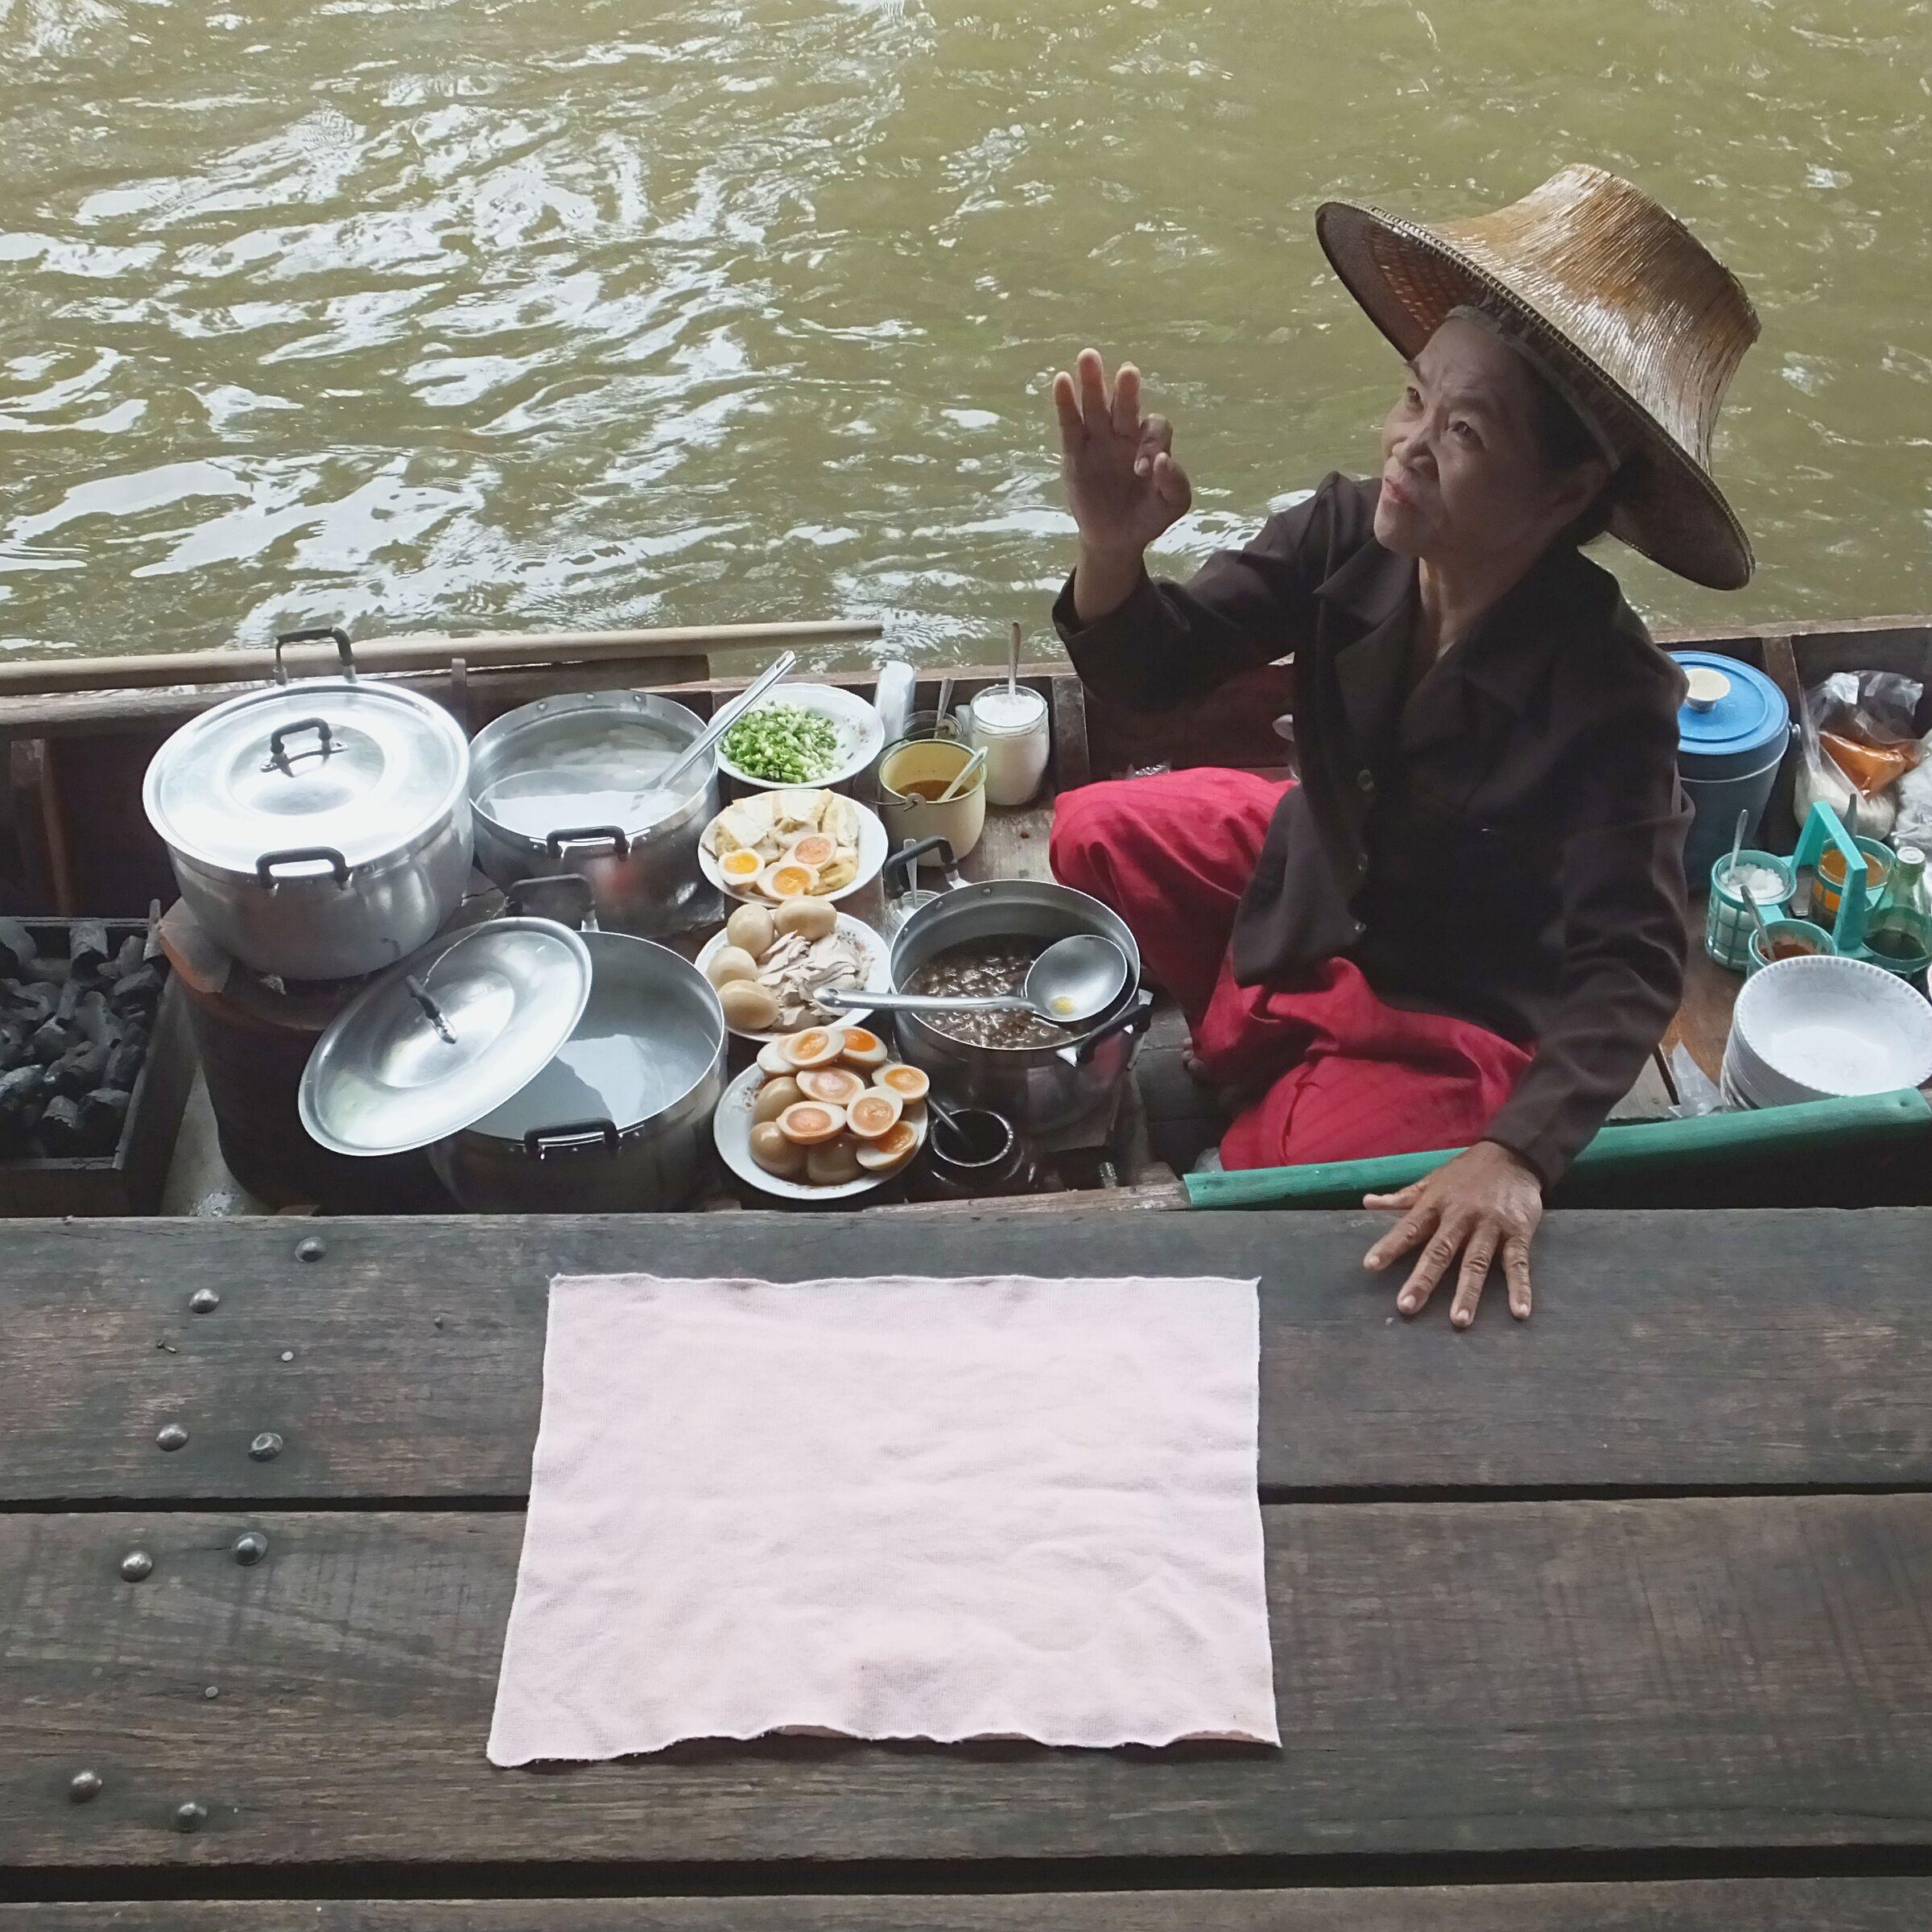 al mercato galleggiante di Bangkok...